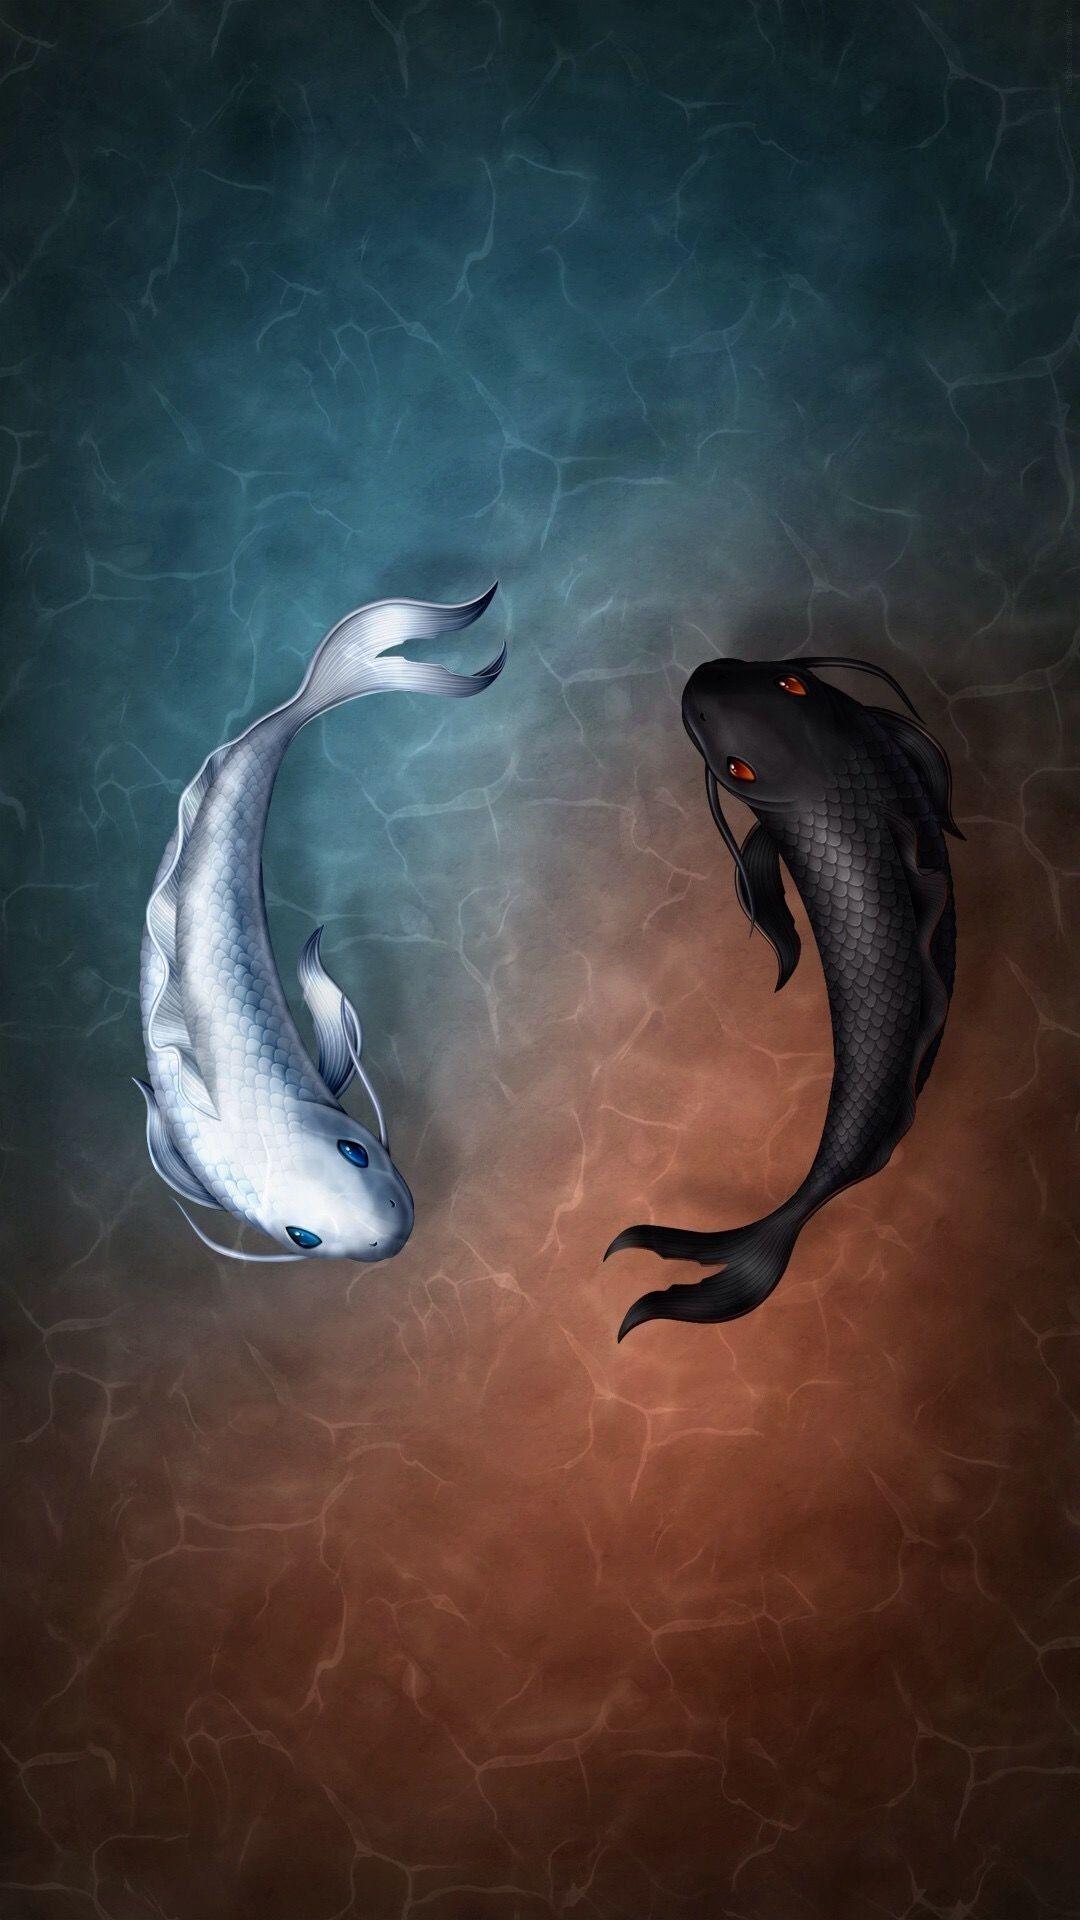 Pin by Jay on Art Fish wallpaper, Koi, Koi fish